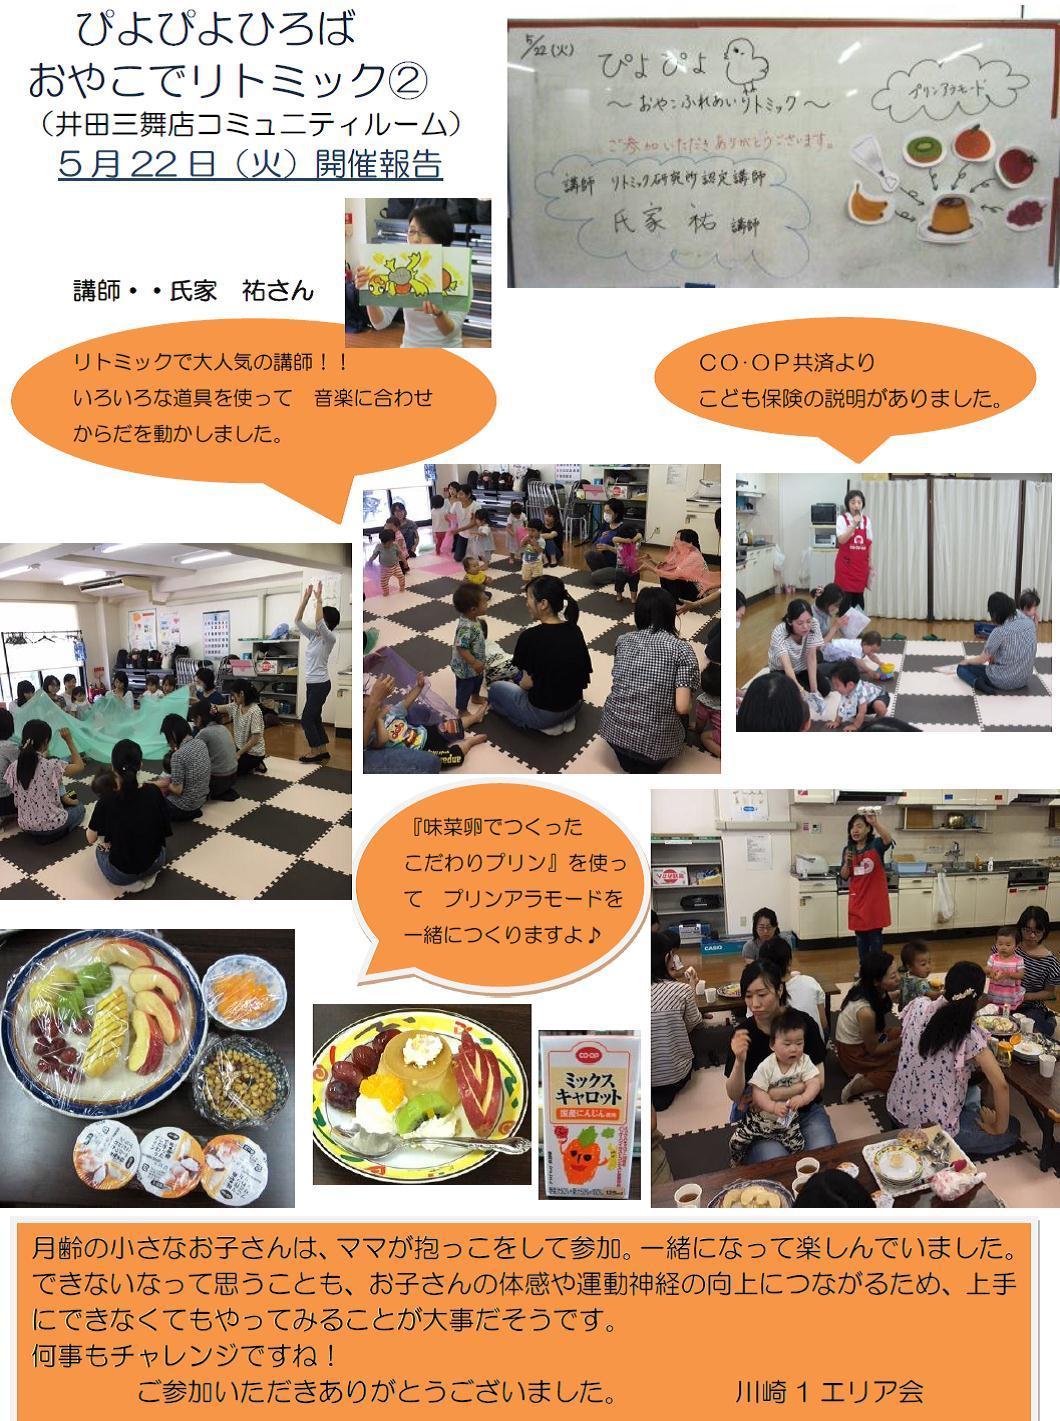 http://kanagawa.ucoop.or.jp/hiroba/areanews/files/18kawasaki1piyopiyo5m.jpg